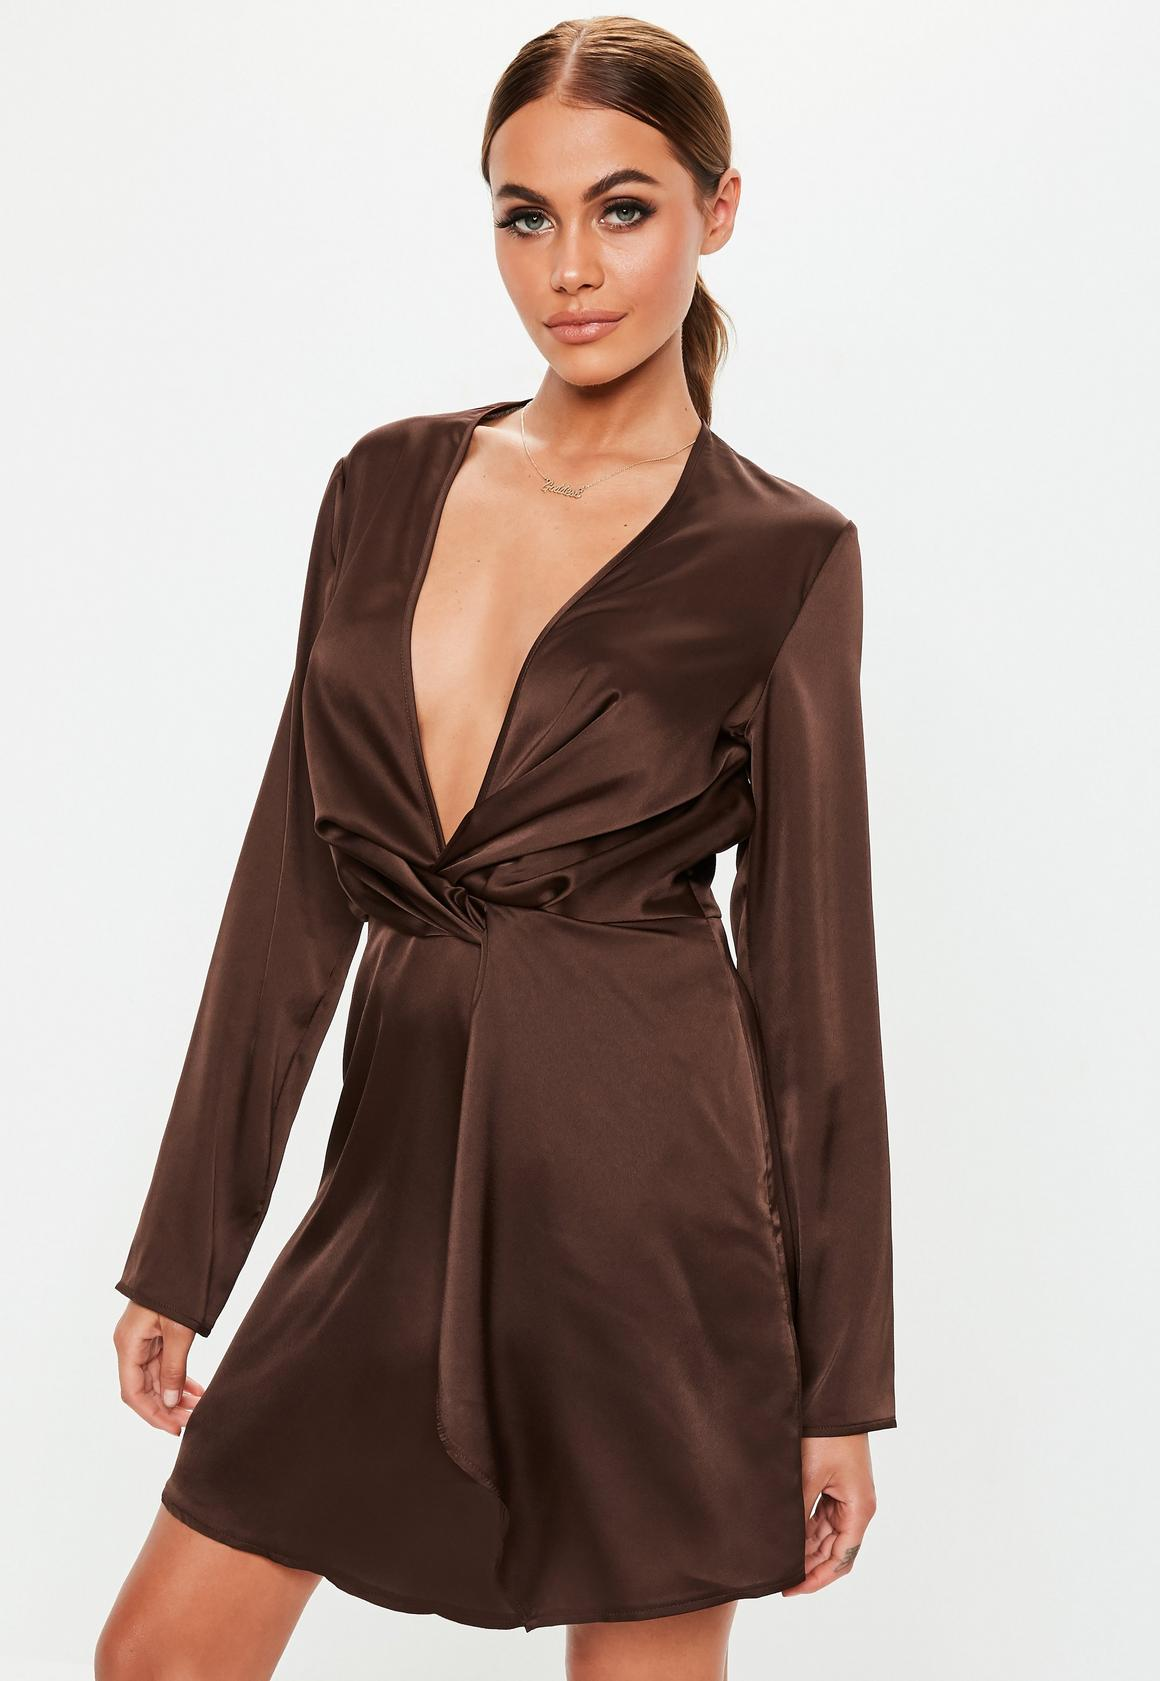 Missguided - robe courte en satin  vrille devant - 1